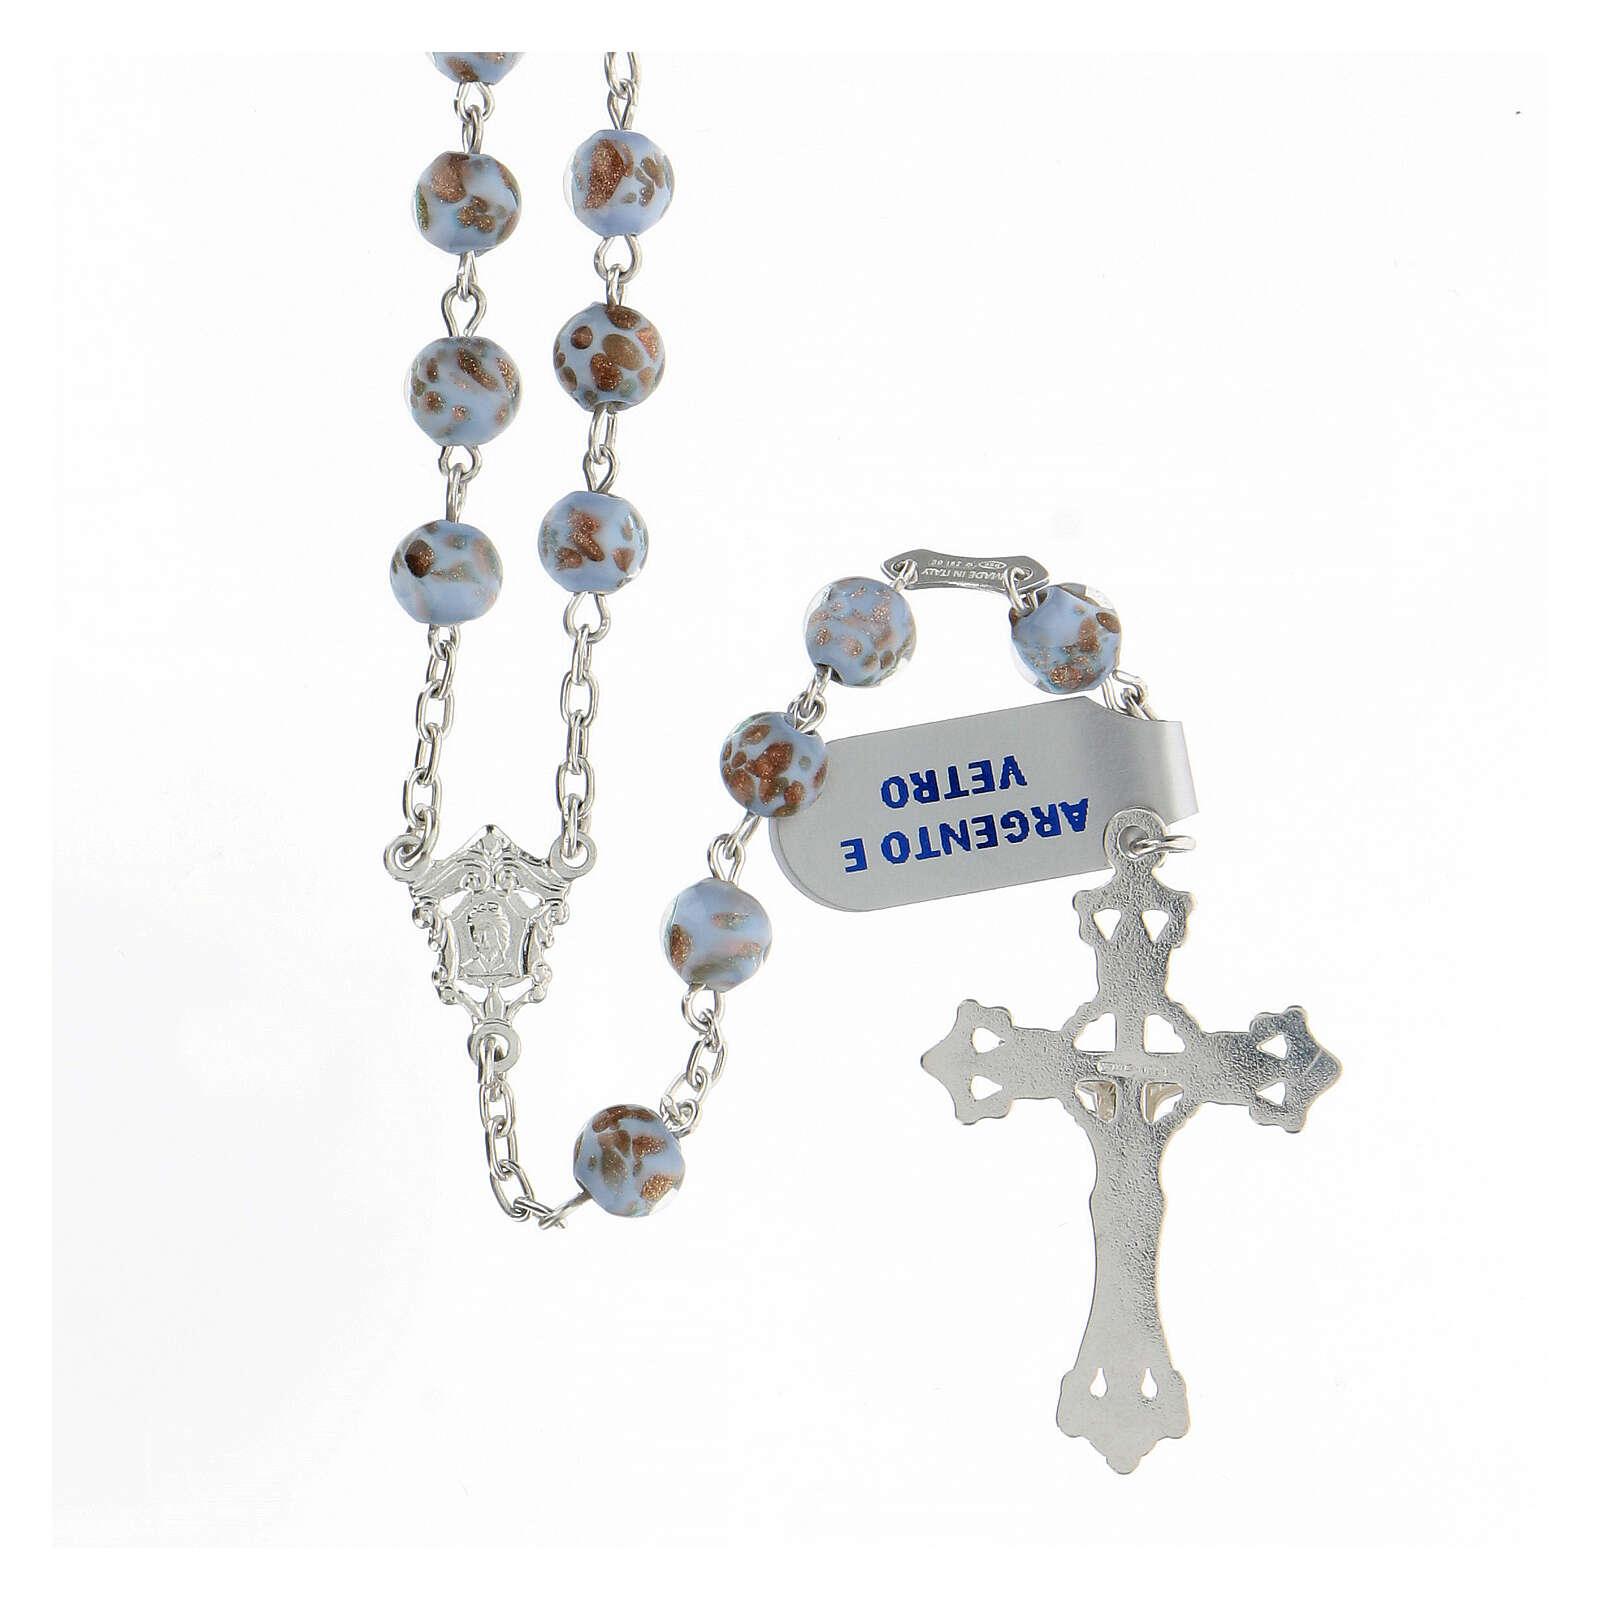 Chapelet grains bleu clair or verre médaille visage Marie argent 925 4